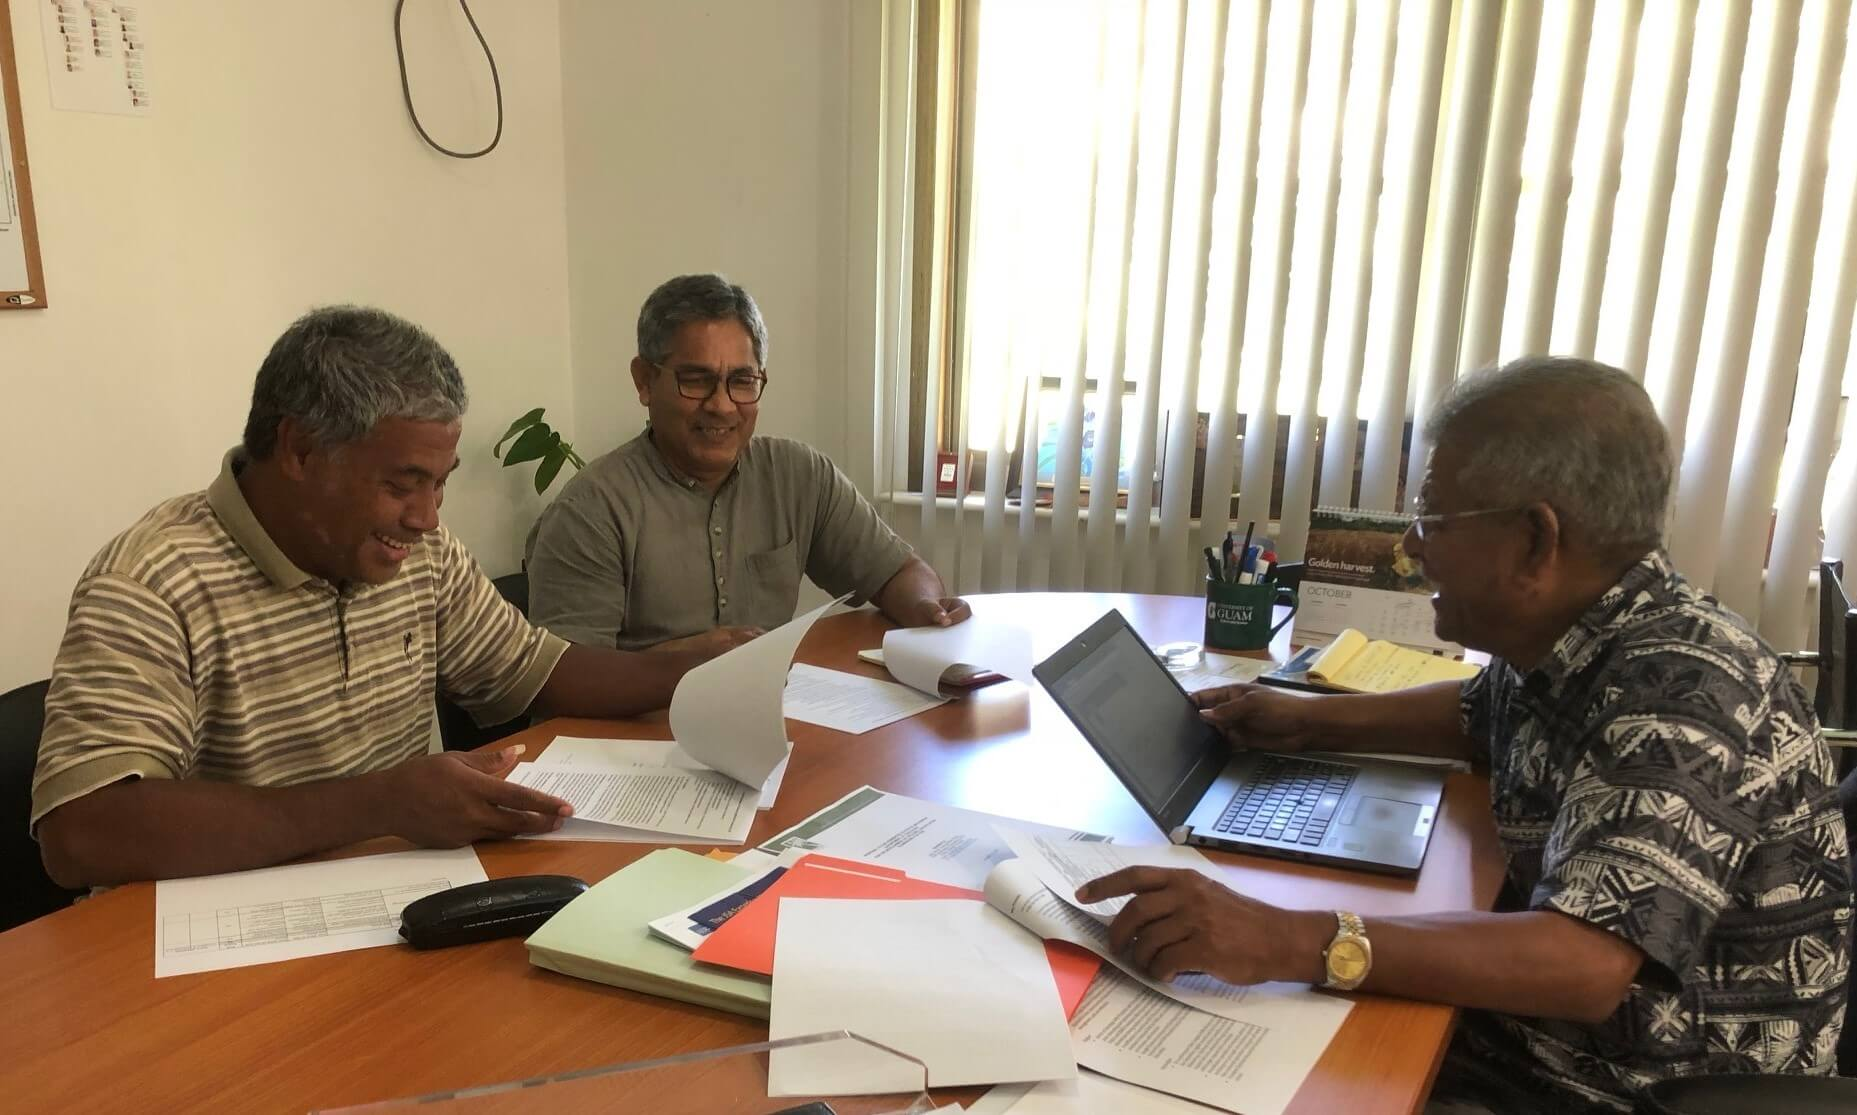 Dr Vishnu Karki - Improving education in Micronesia